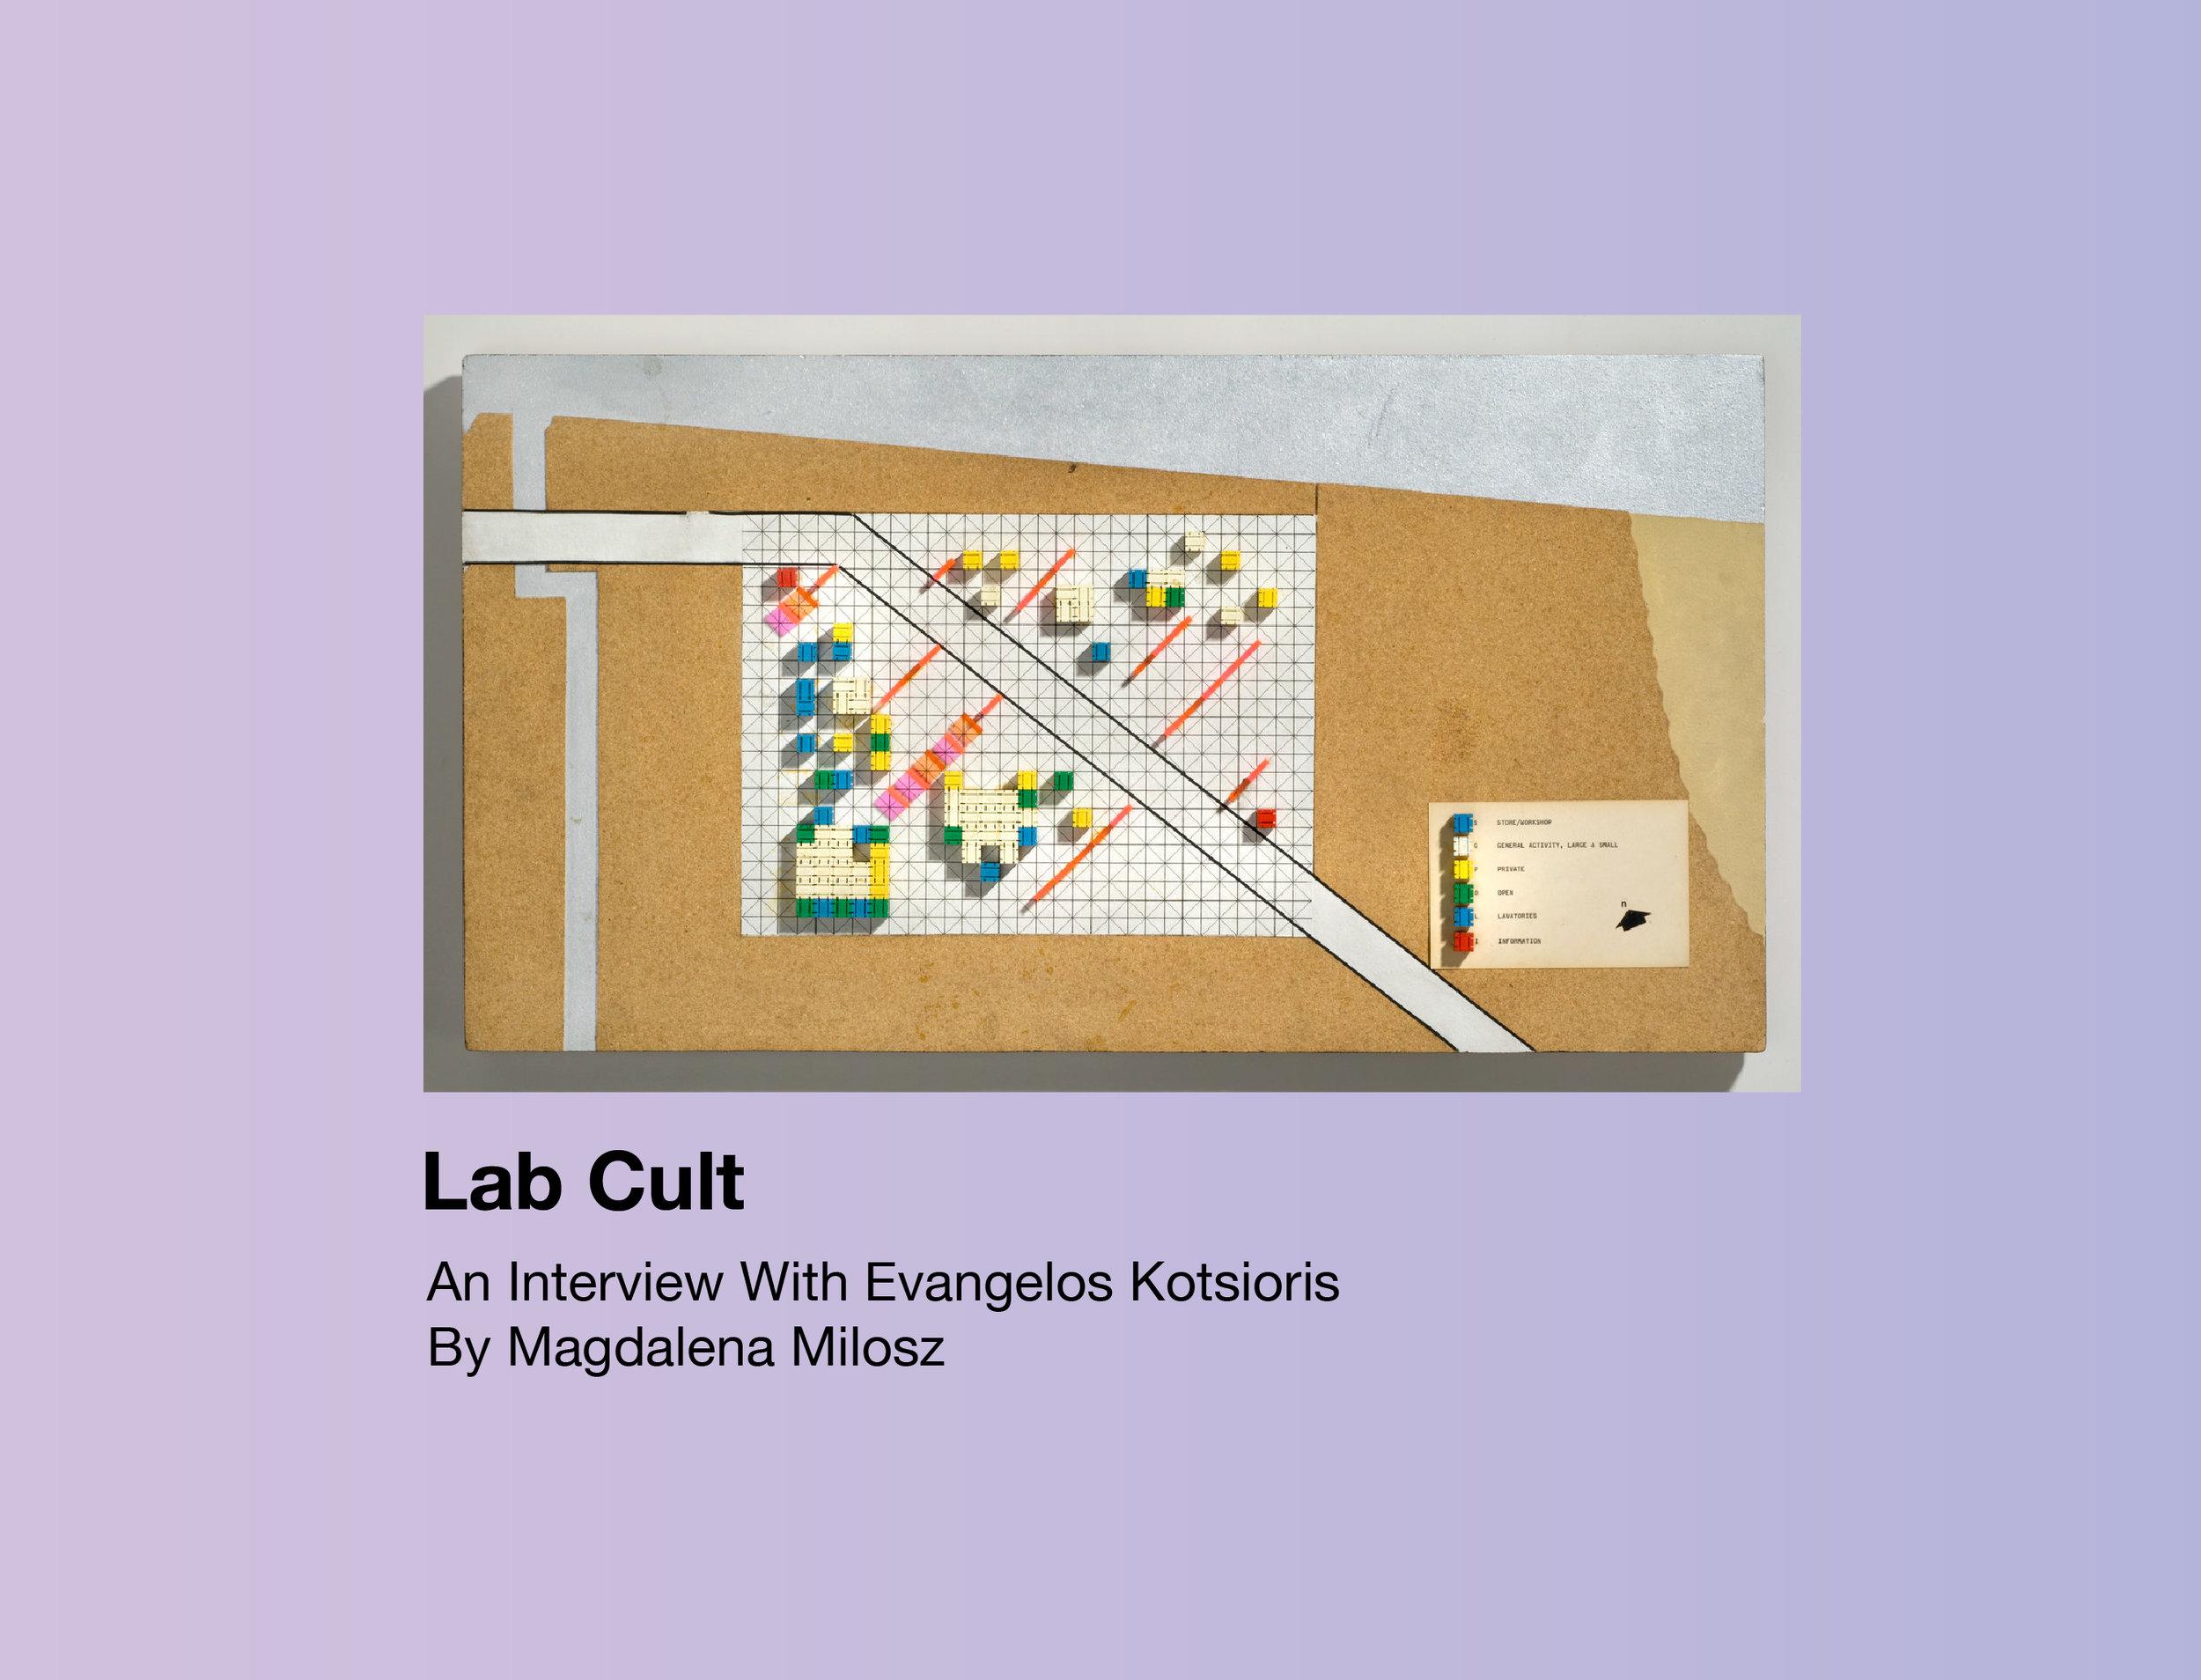 Lab Cult